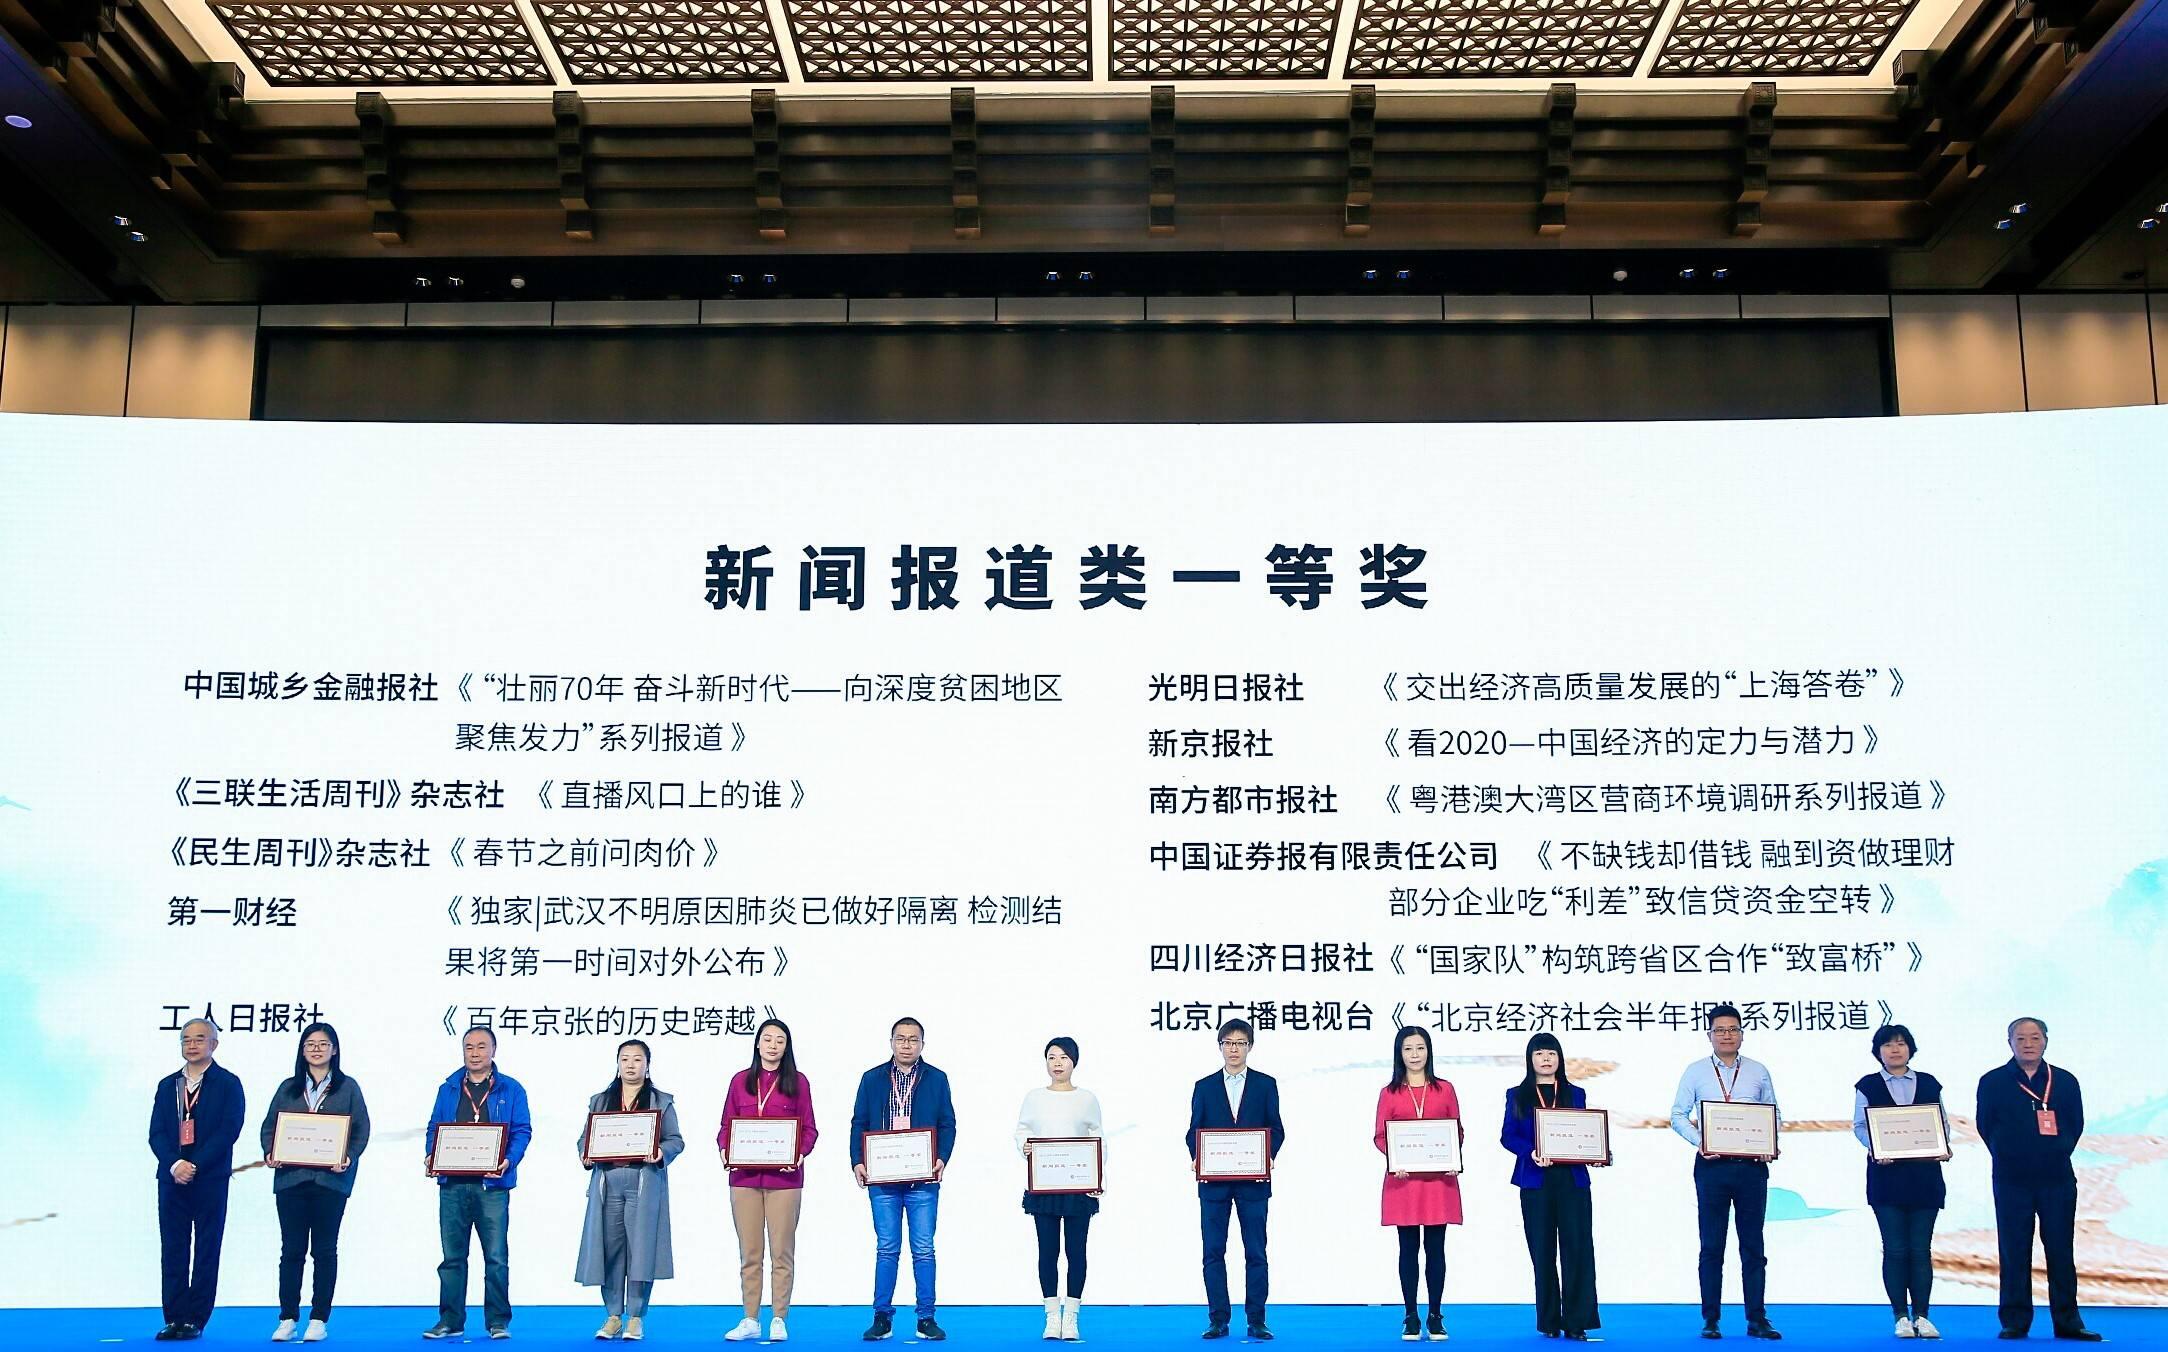 第32届中国经济新闻奖公布,南方都市报两件作品获一等奖